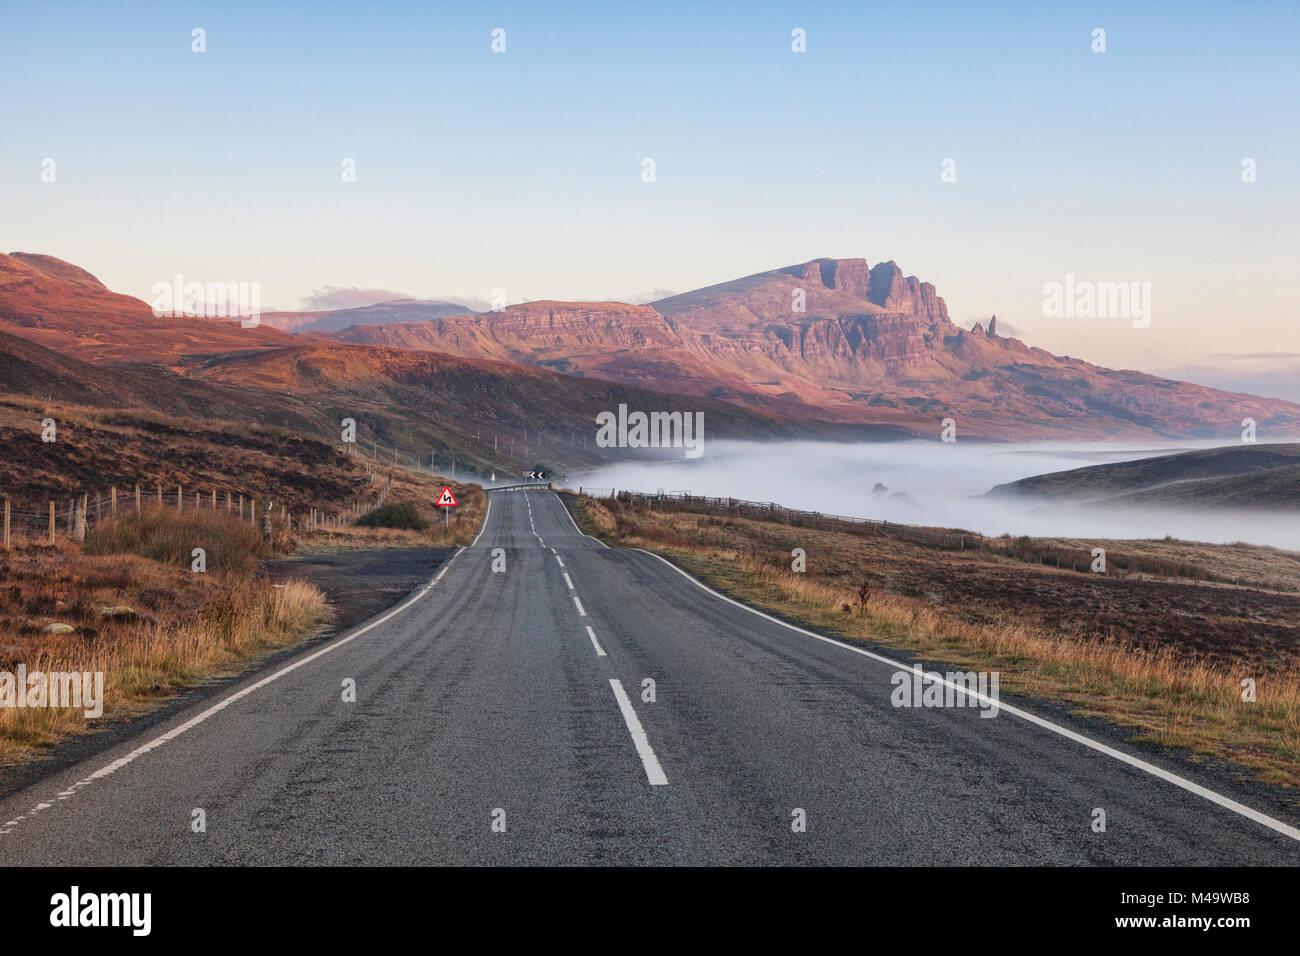 El camino abierto en una brumosa mañana de otoño en la Isla de Skye, Storr, Inner Hebrides, Scotland, Reino Unido Foto de stock